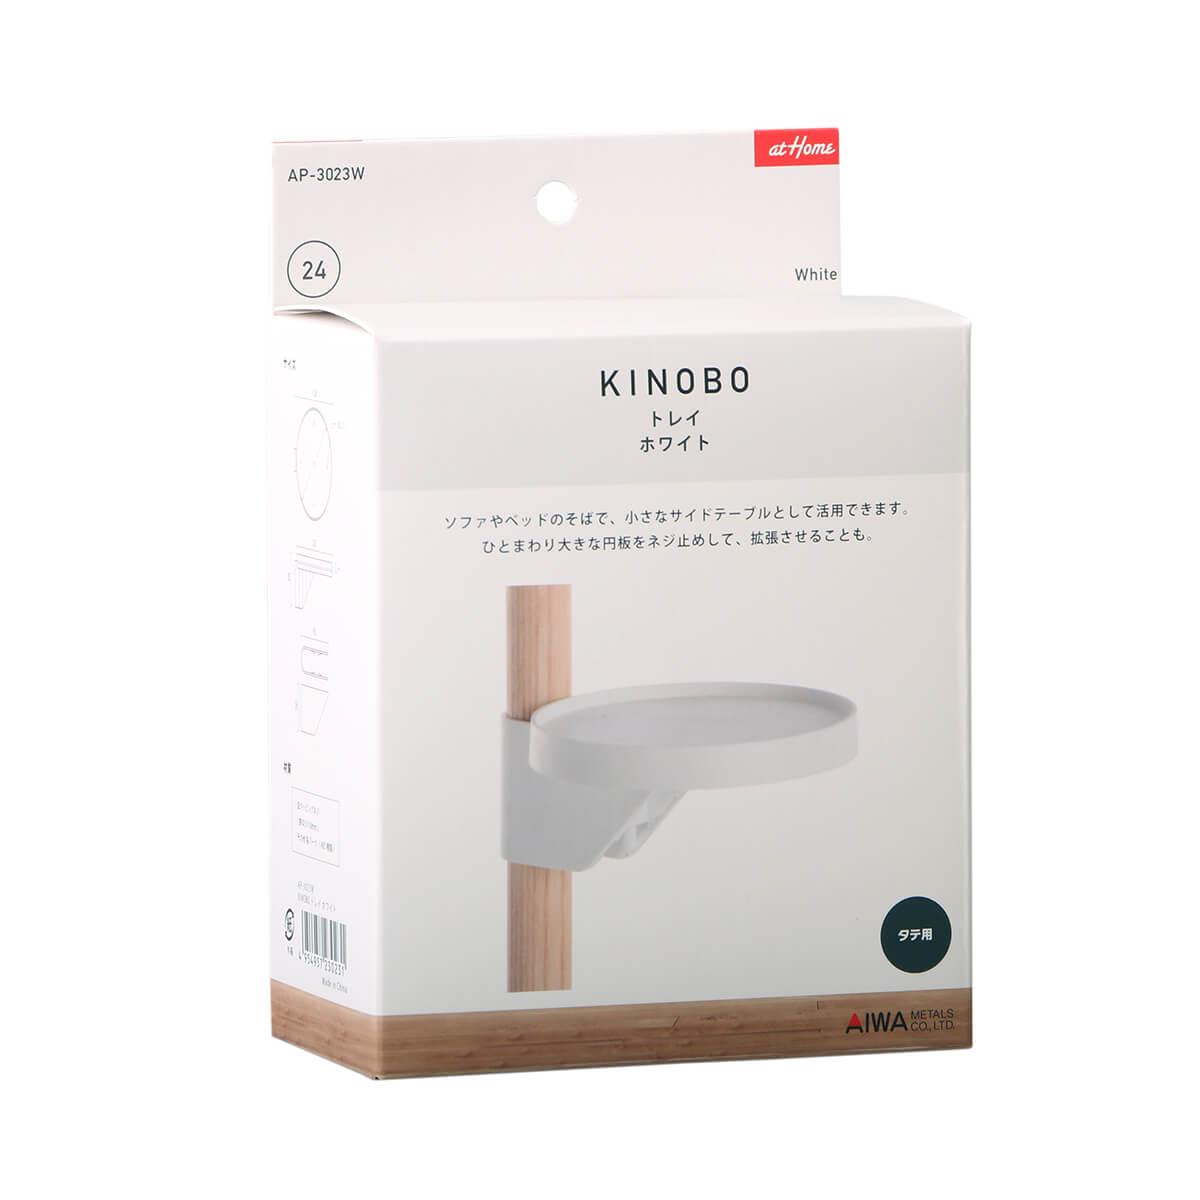 トレイ KINOBO専用 ホワイト Φ24